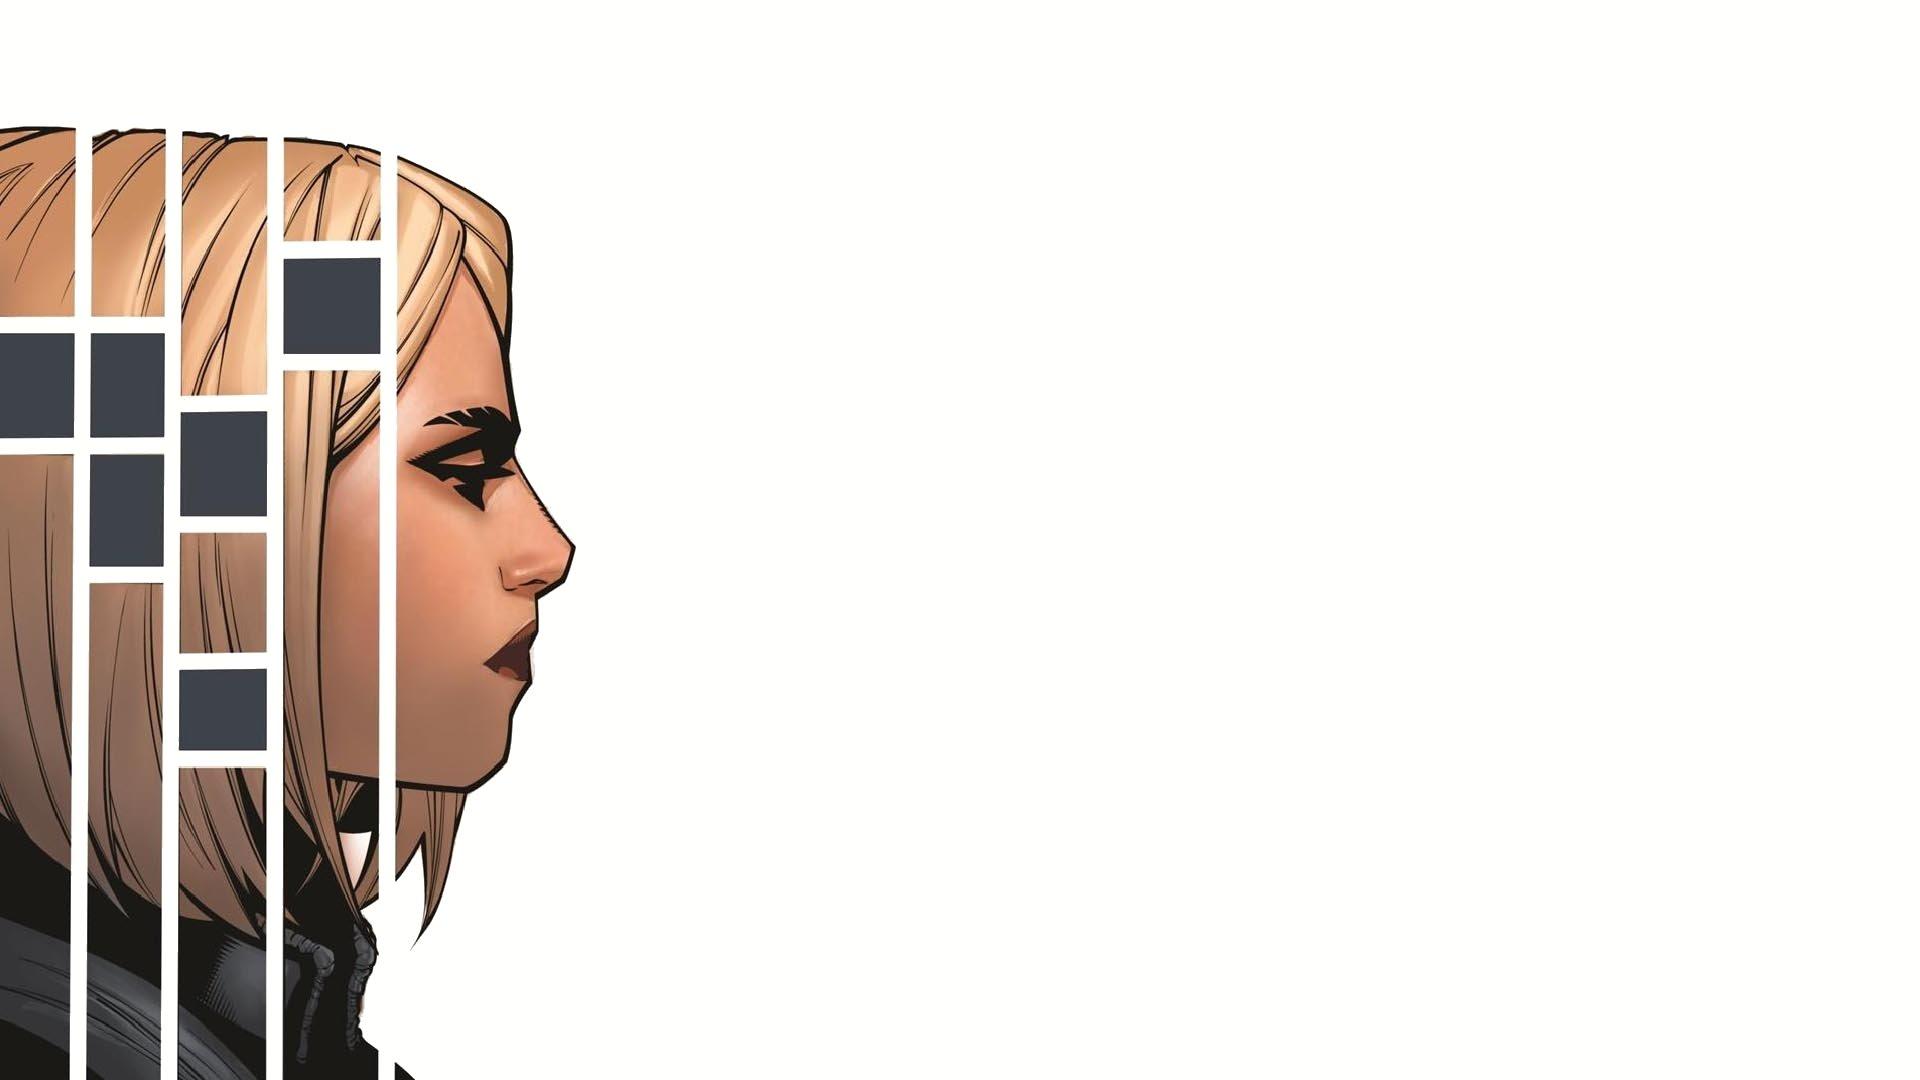 Uncanny X-Men HD Wallpaper